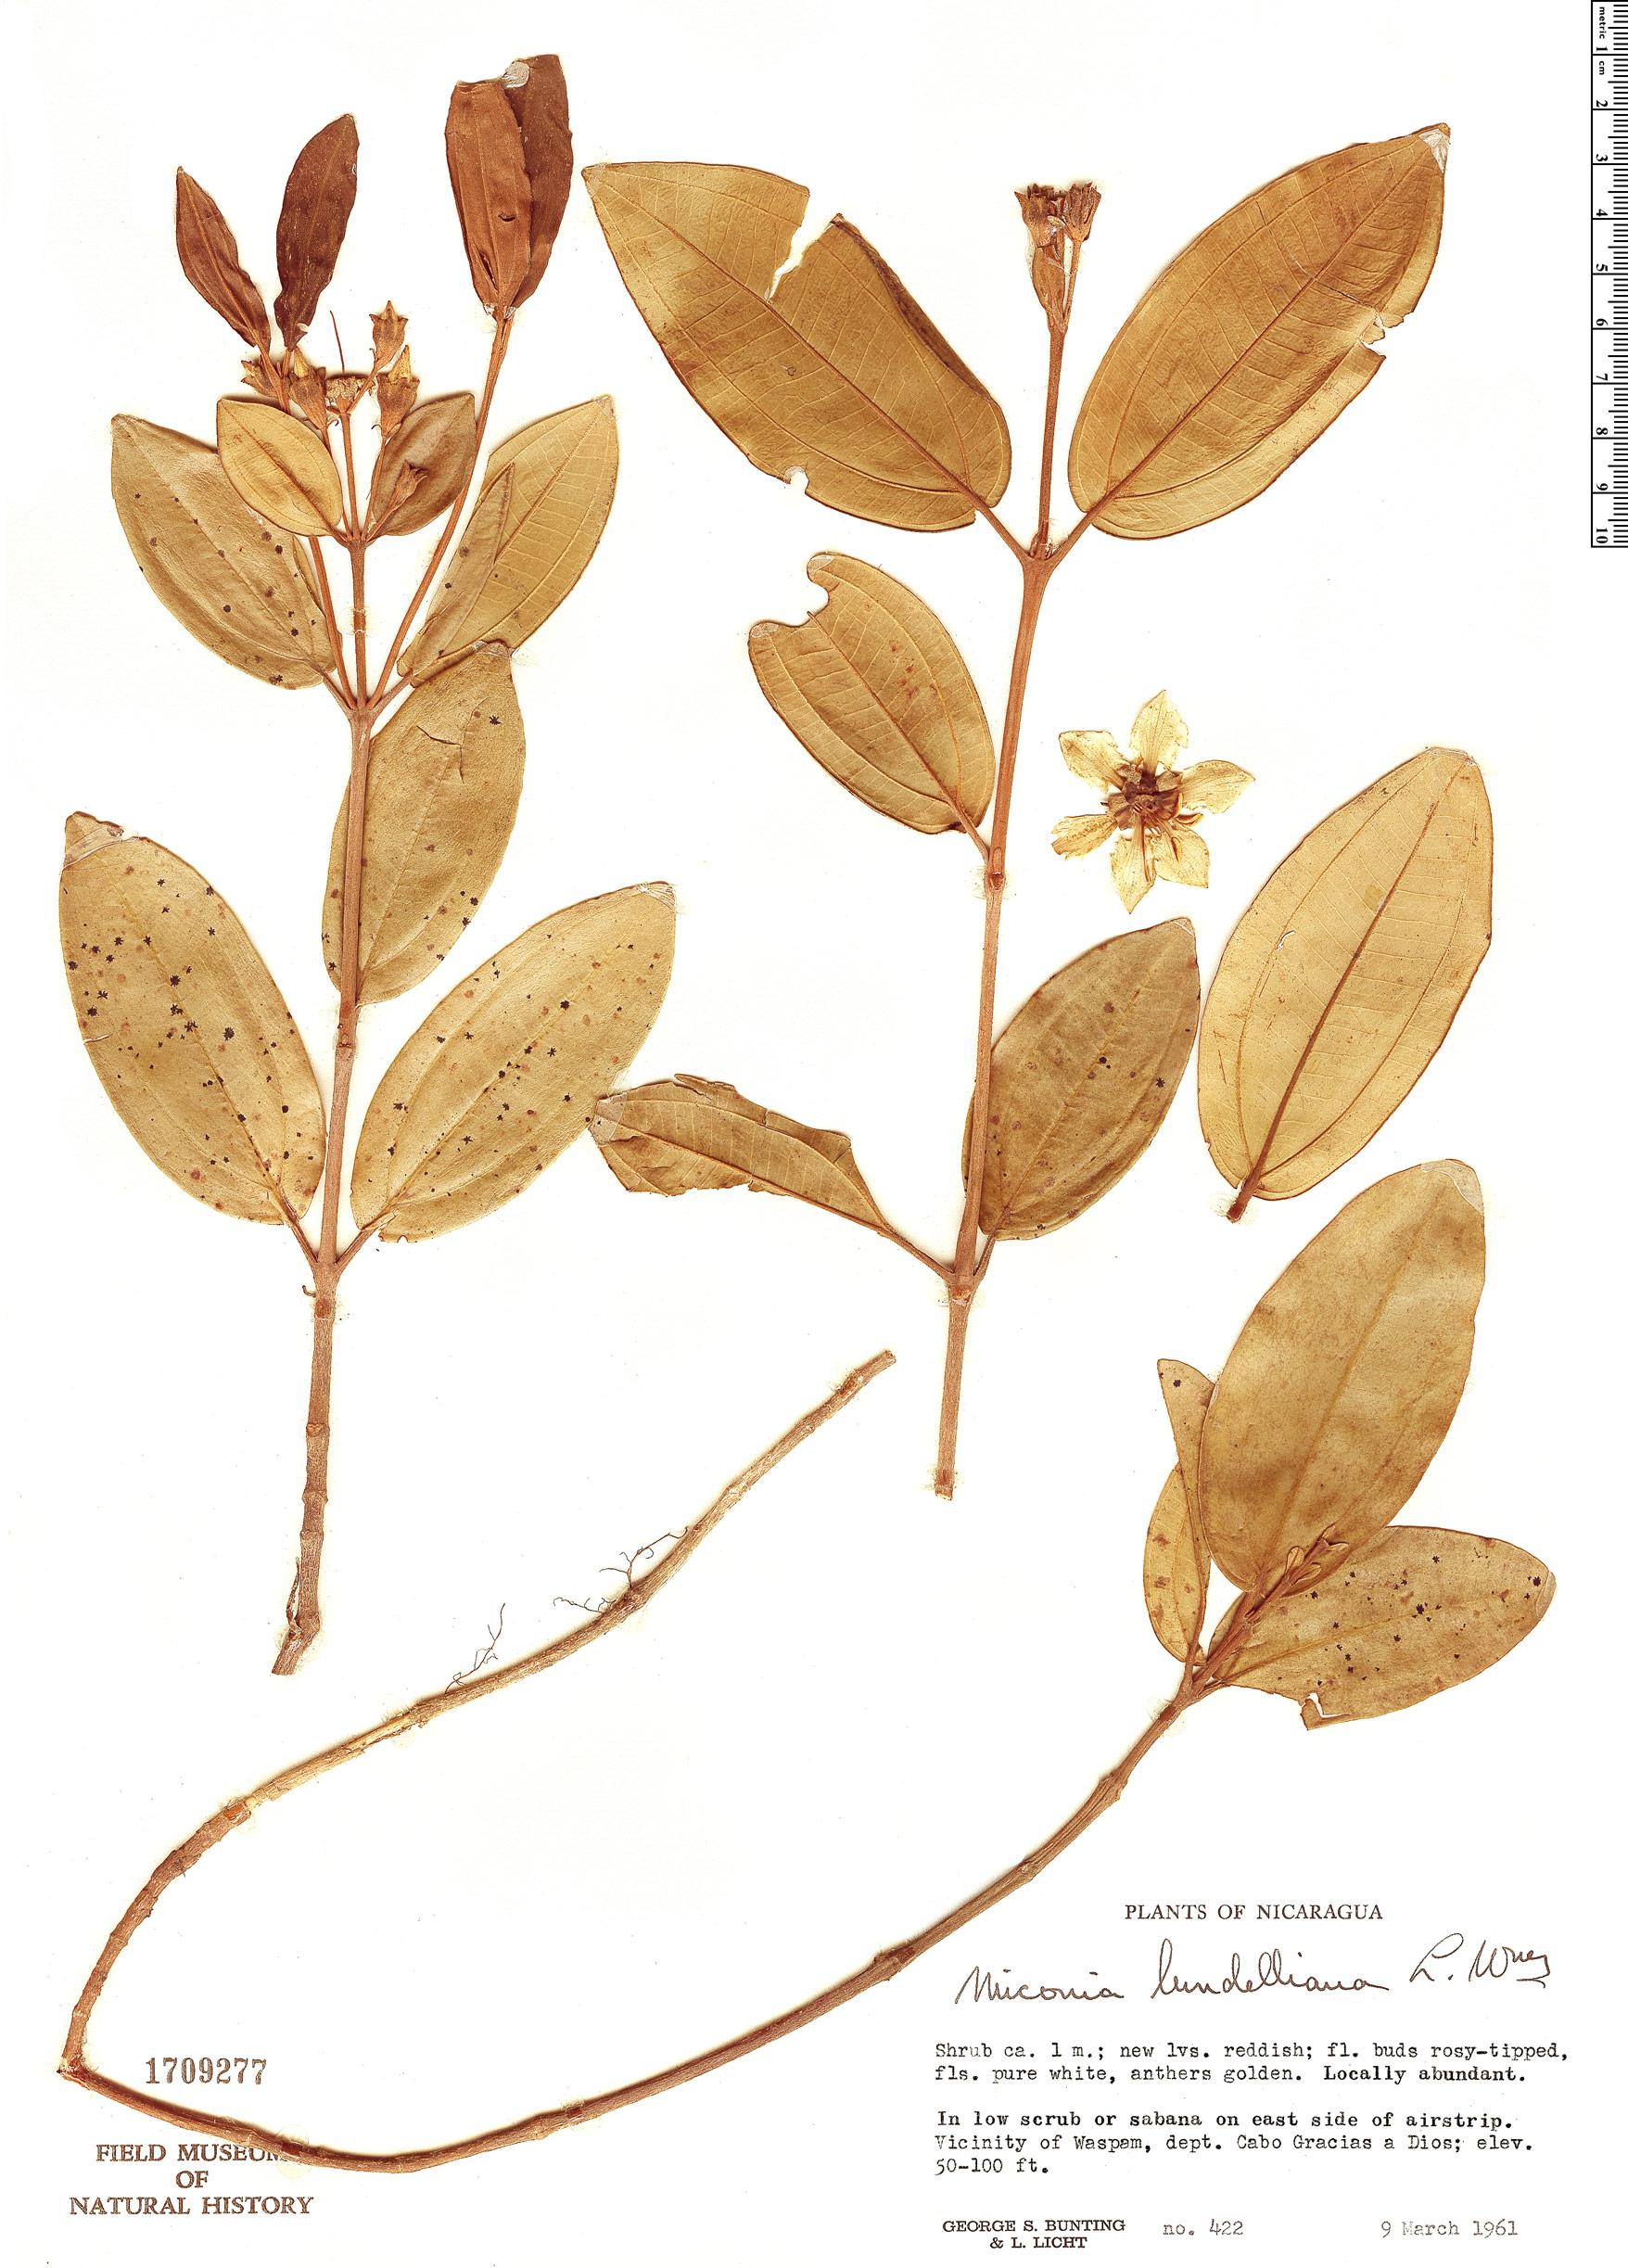 Specimen: Pachyanthus lundellianus